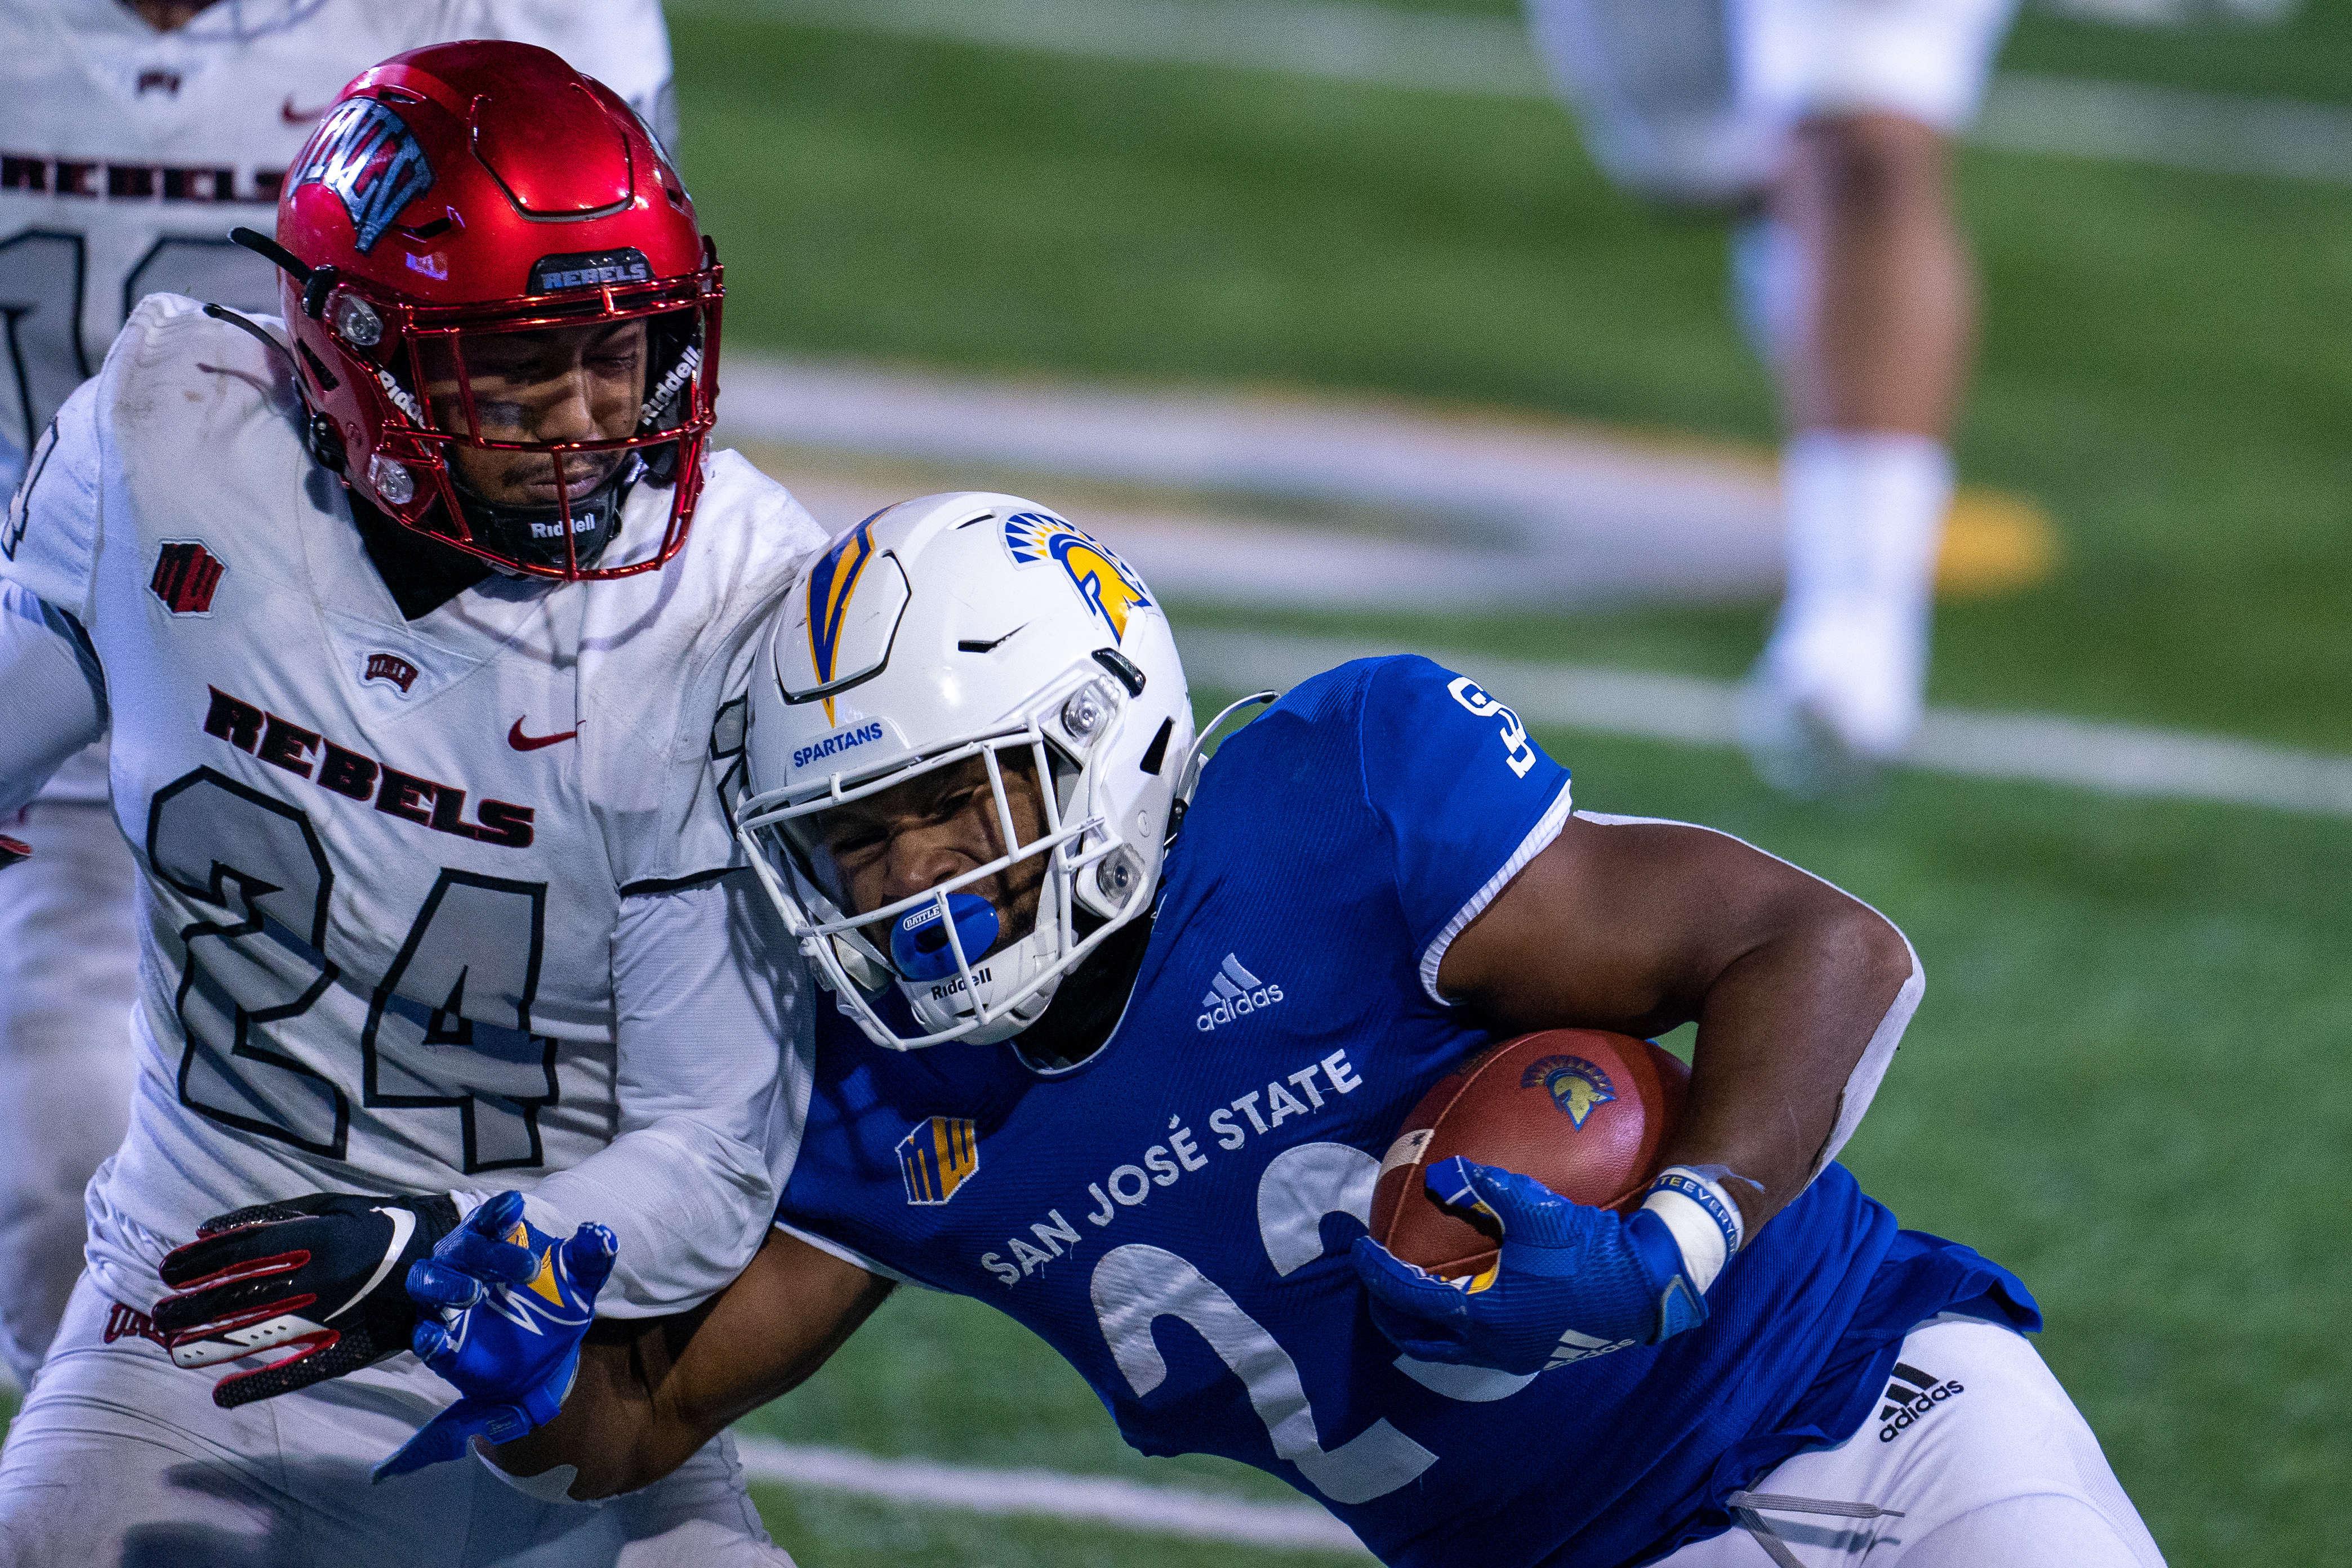 NCAA Football: UNLV at San Jose State